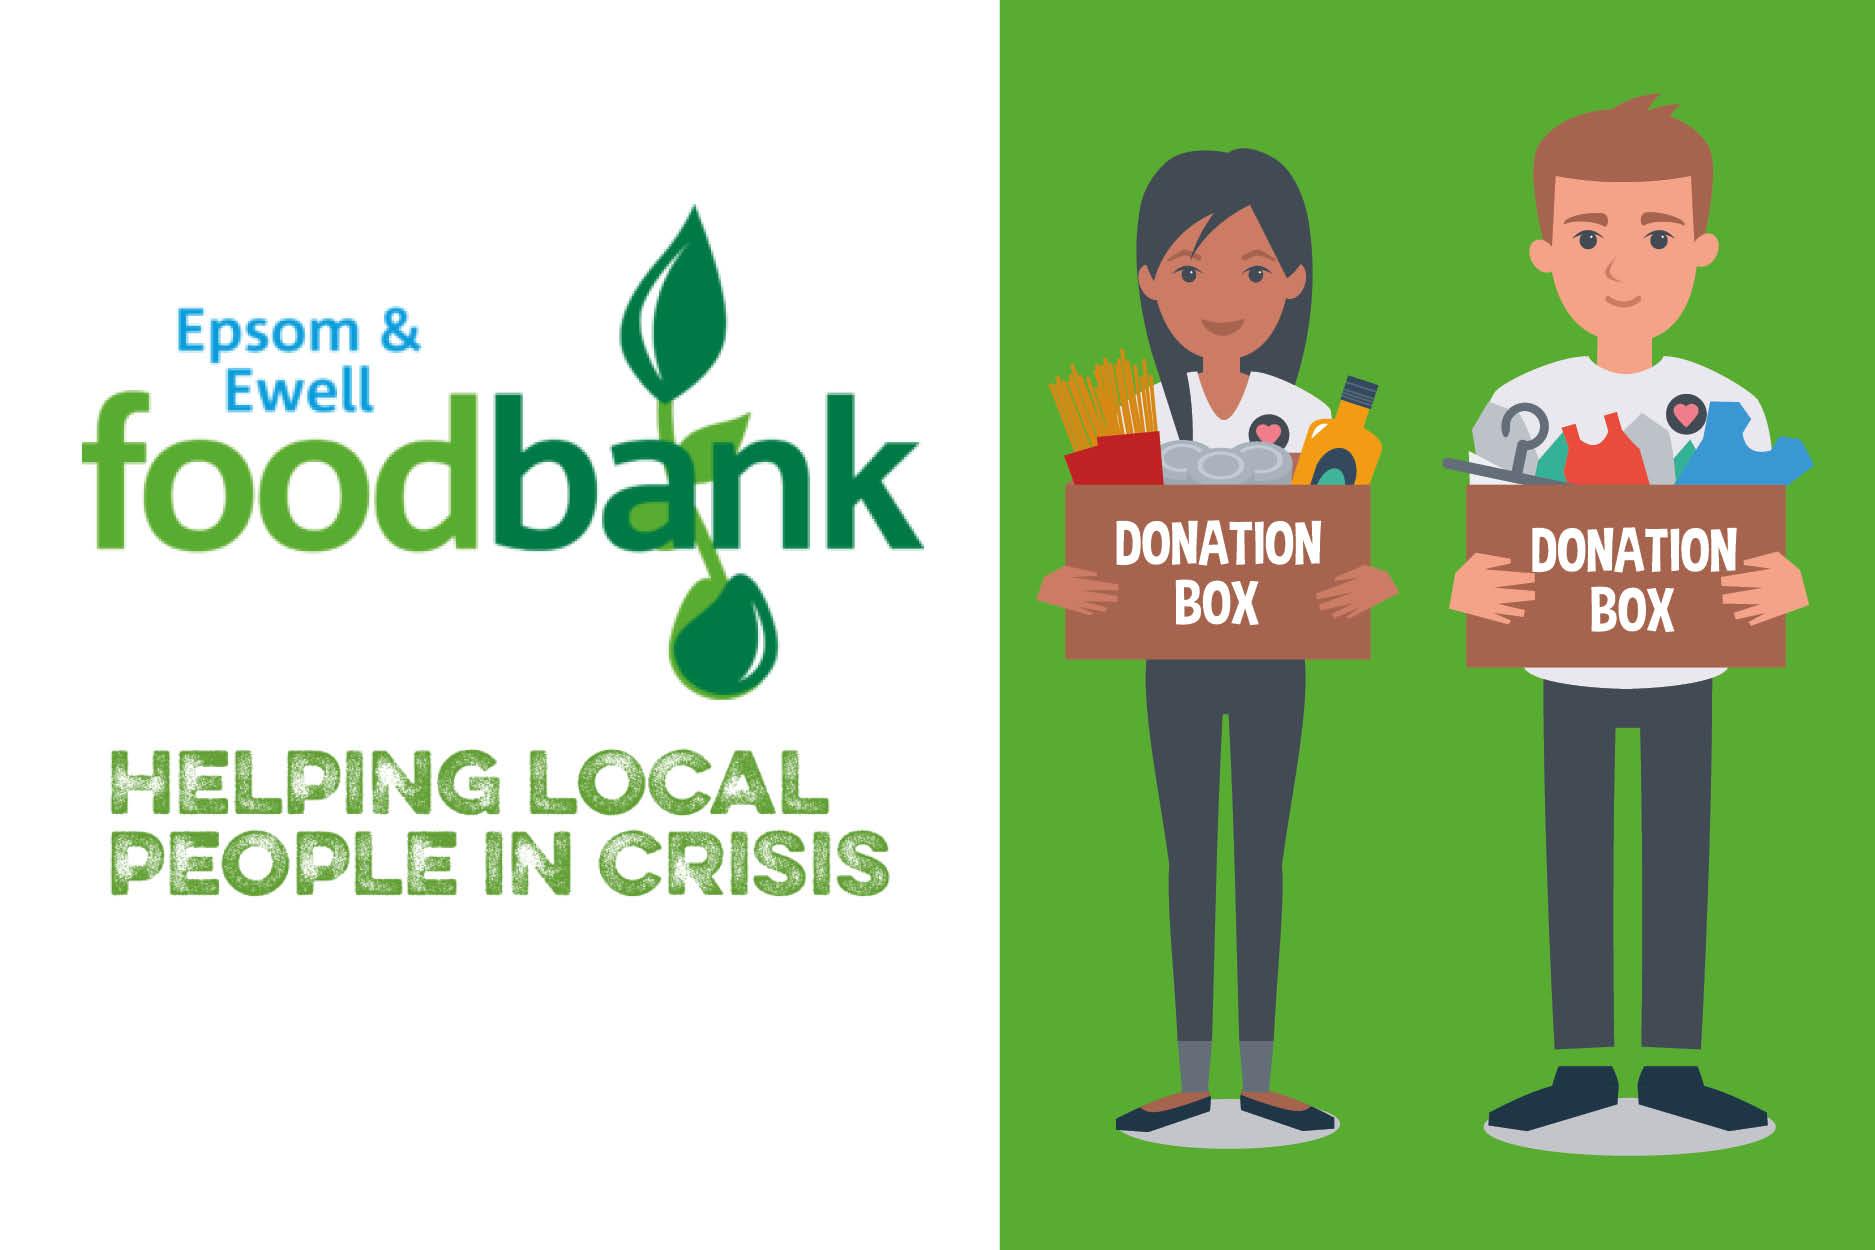 Christmas Appeal For Epsom And Ewell Foodbank Nescot College Ewell Epsom Surrey Uk